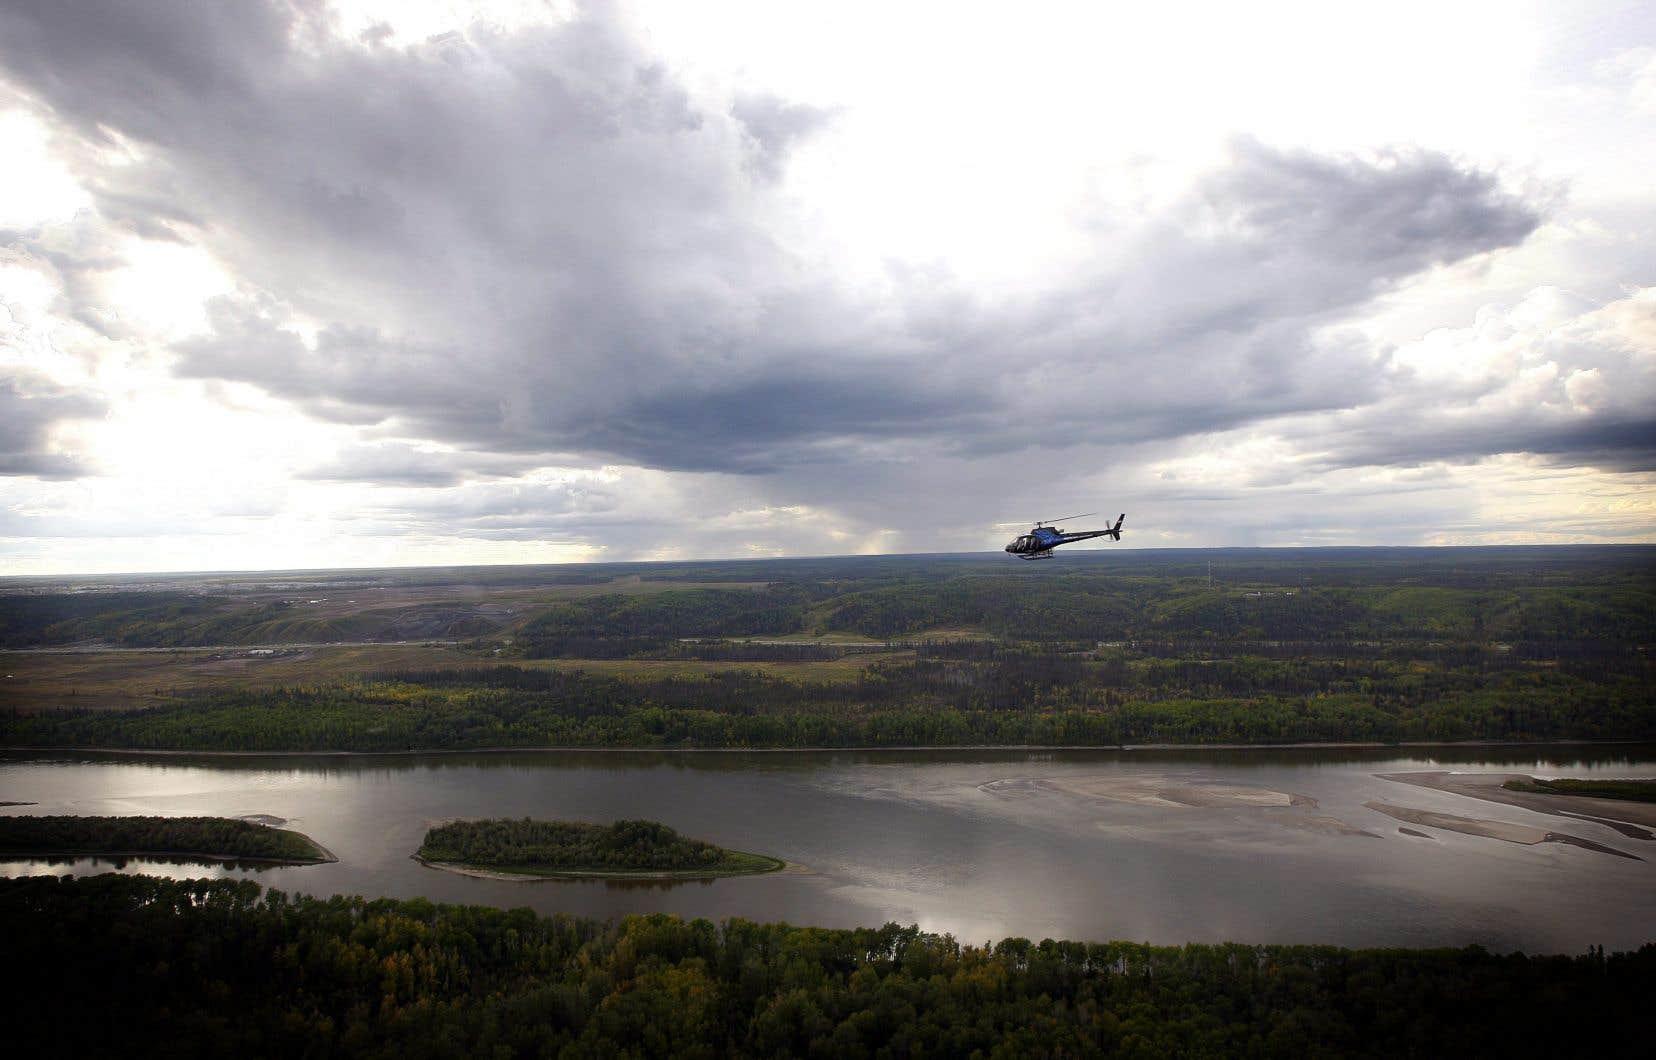 Aucune étude n'est prévue dans les environs du principal affluent de la rivière Athabasca, dans les zones humides ou parmi les populations de poissons et d'insectes.